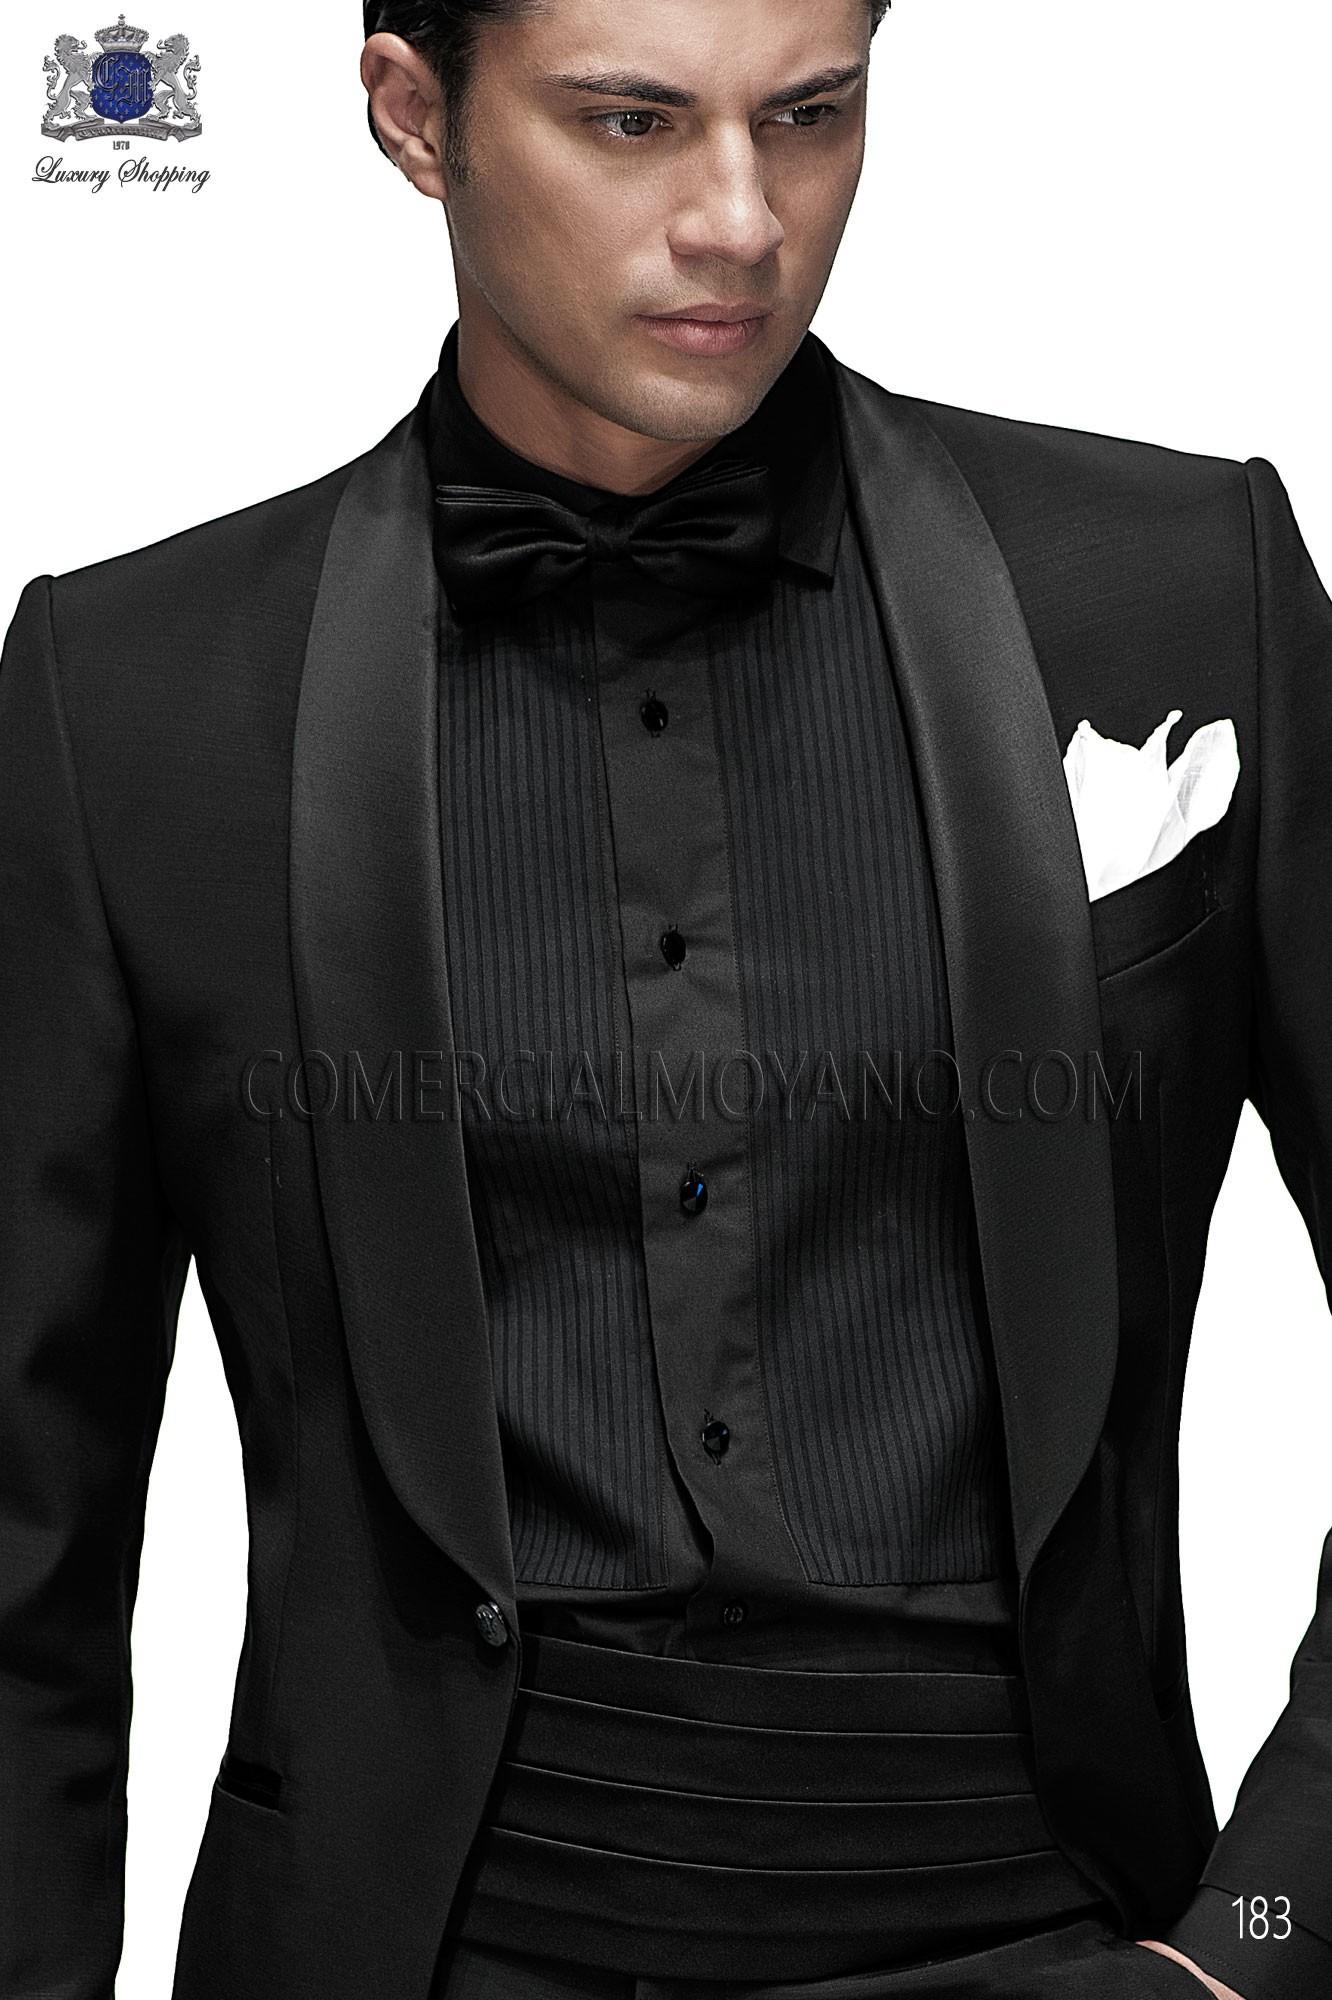 Traje BlackTie de novio negro modelo: 183 Ottavio Nuccio Gala colección Black Tie 2017